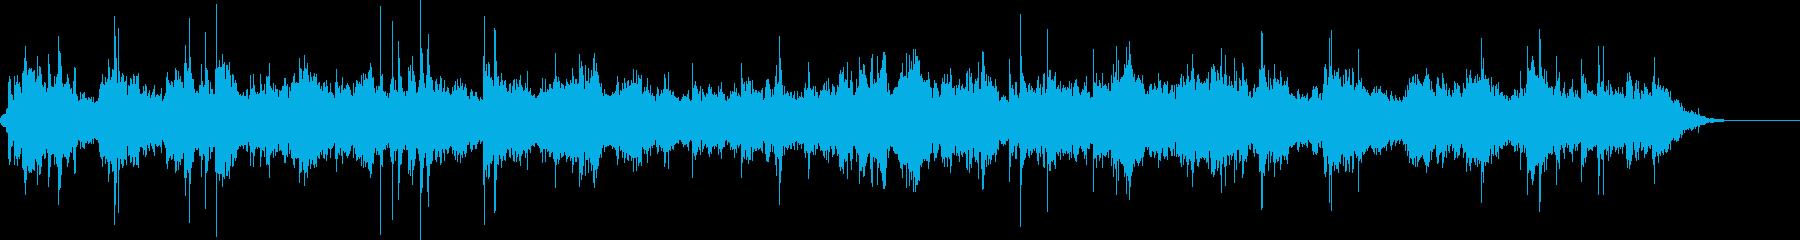 グイーーンガコンガコン(重機が動く音)の再生済みの波形